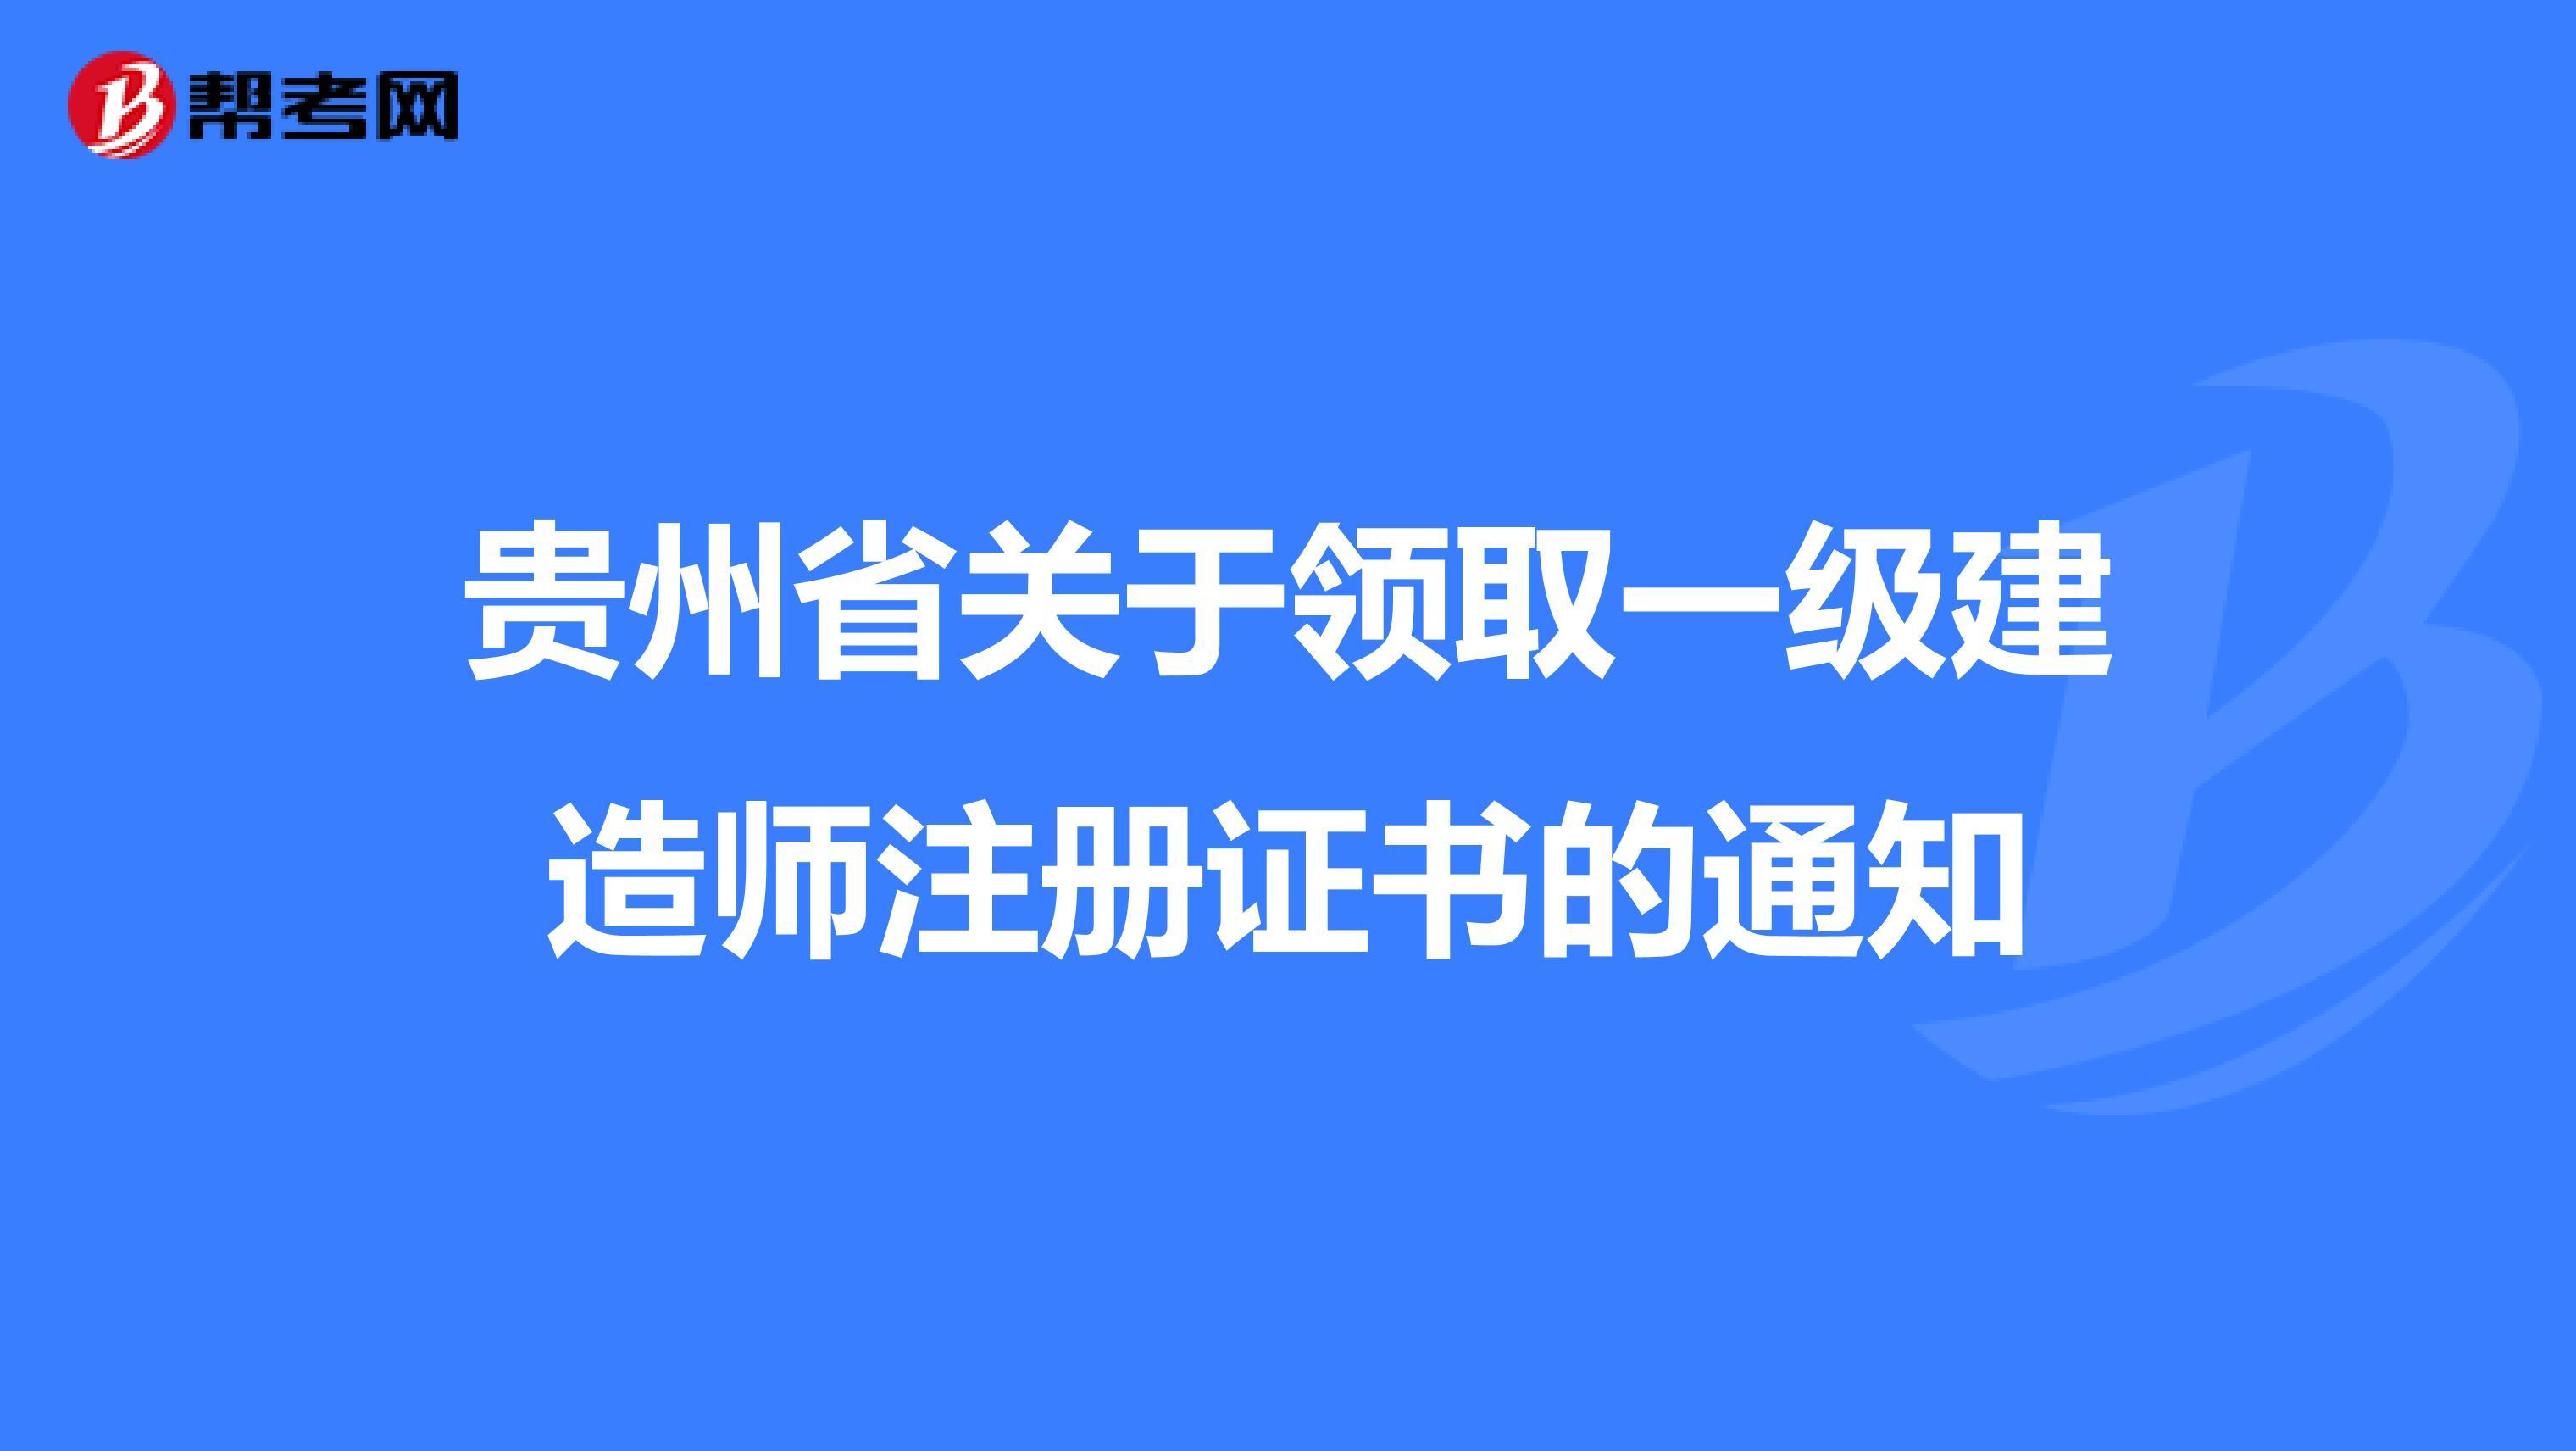 贵州省电竞领取雷火资讯